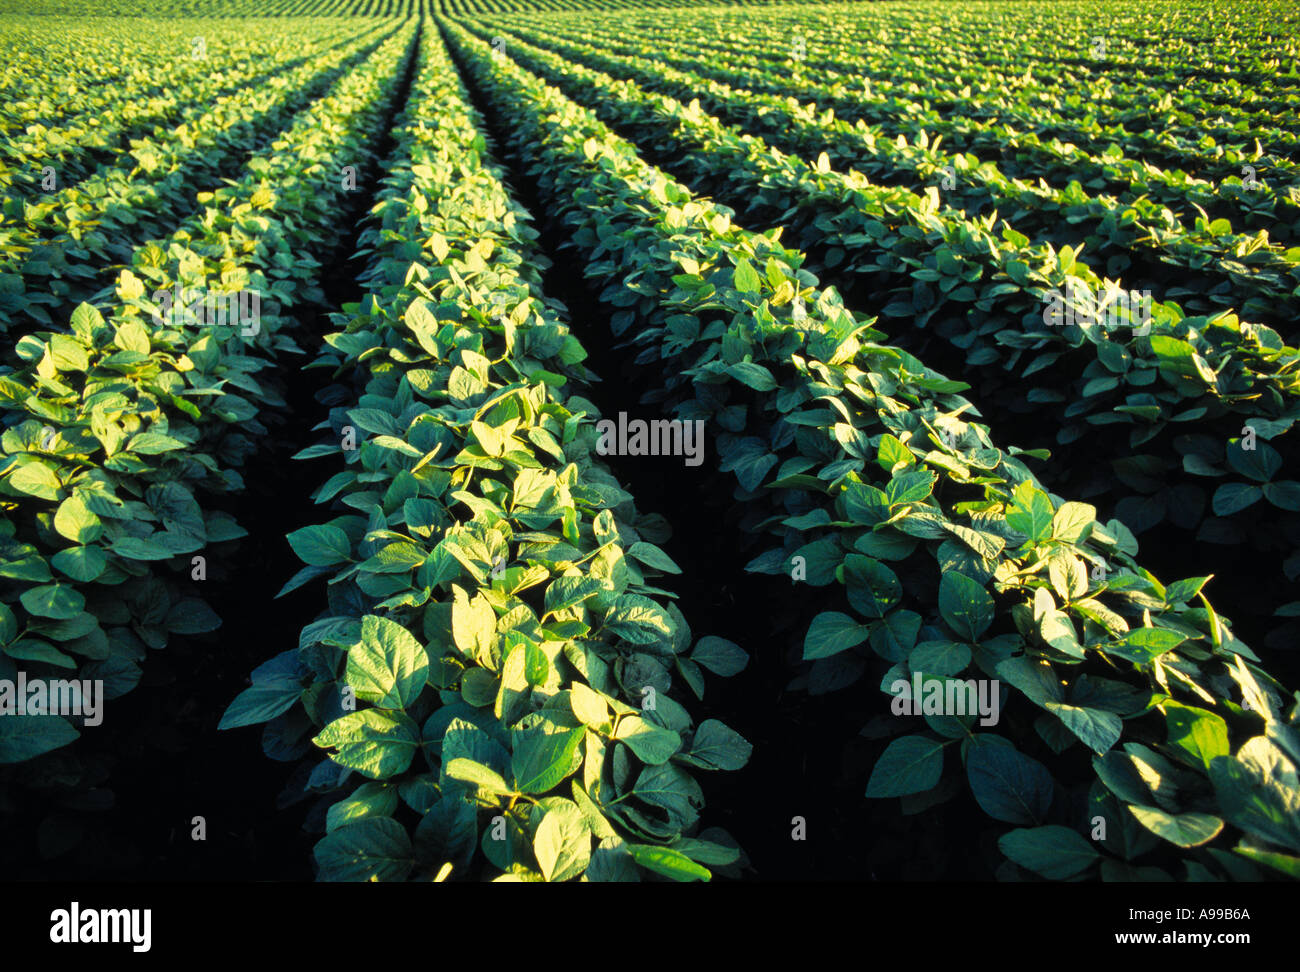 Agricoltura - metà della crescita campo di soia / Iowa (USA). Immagini Stock